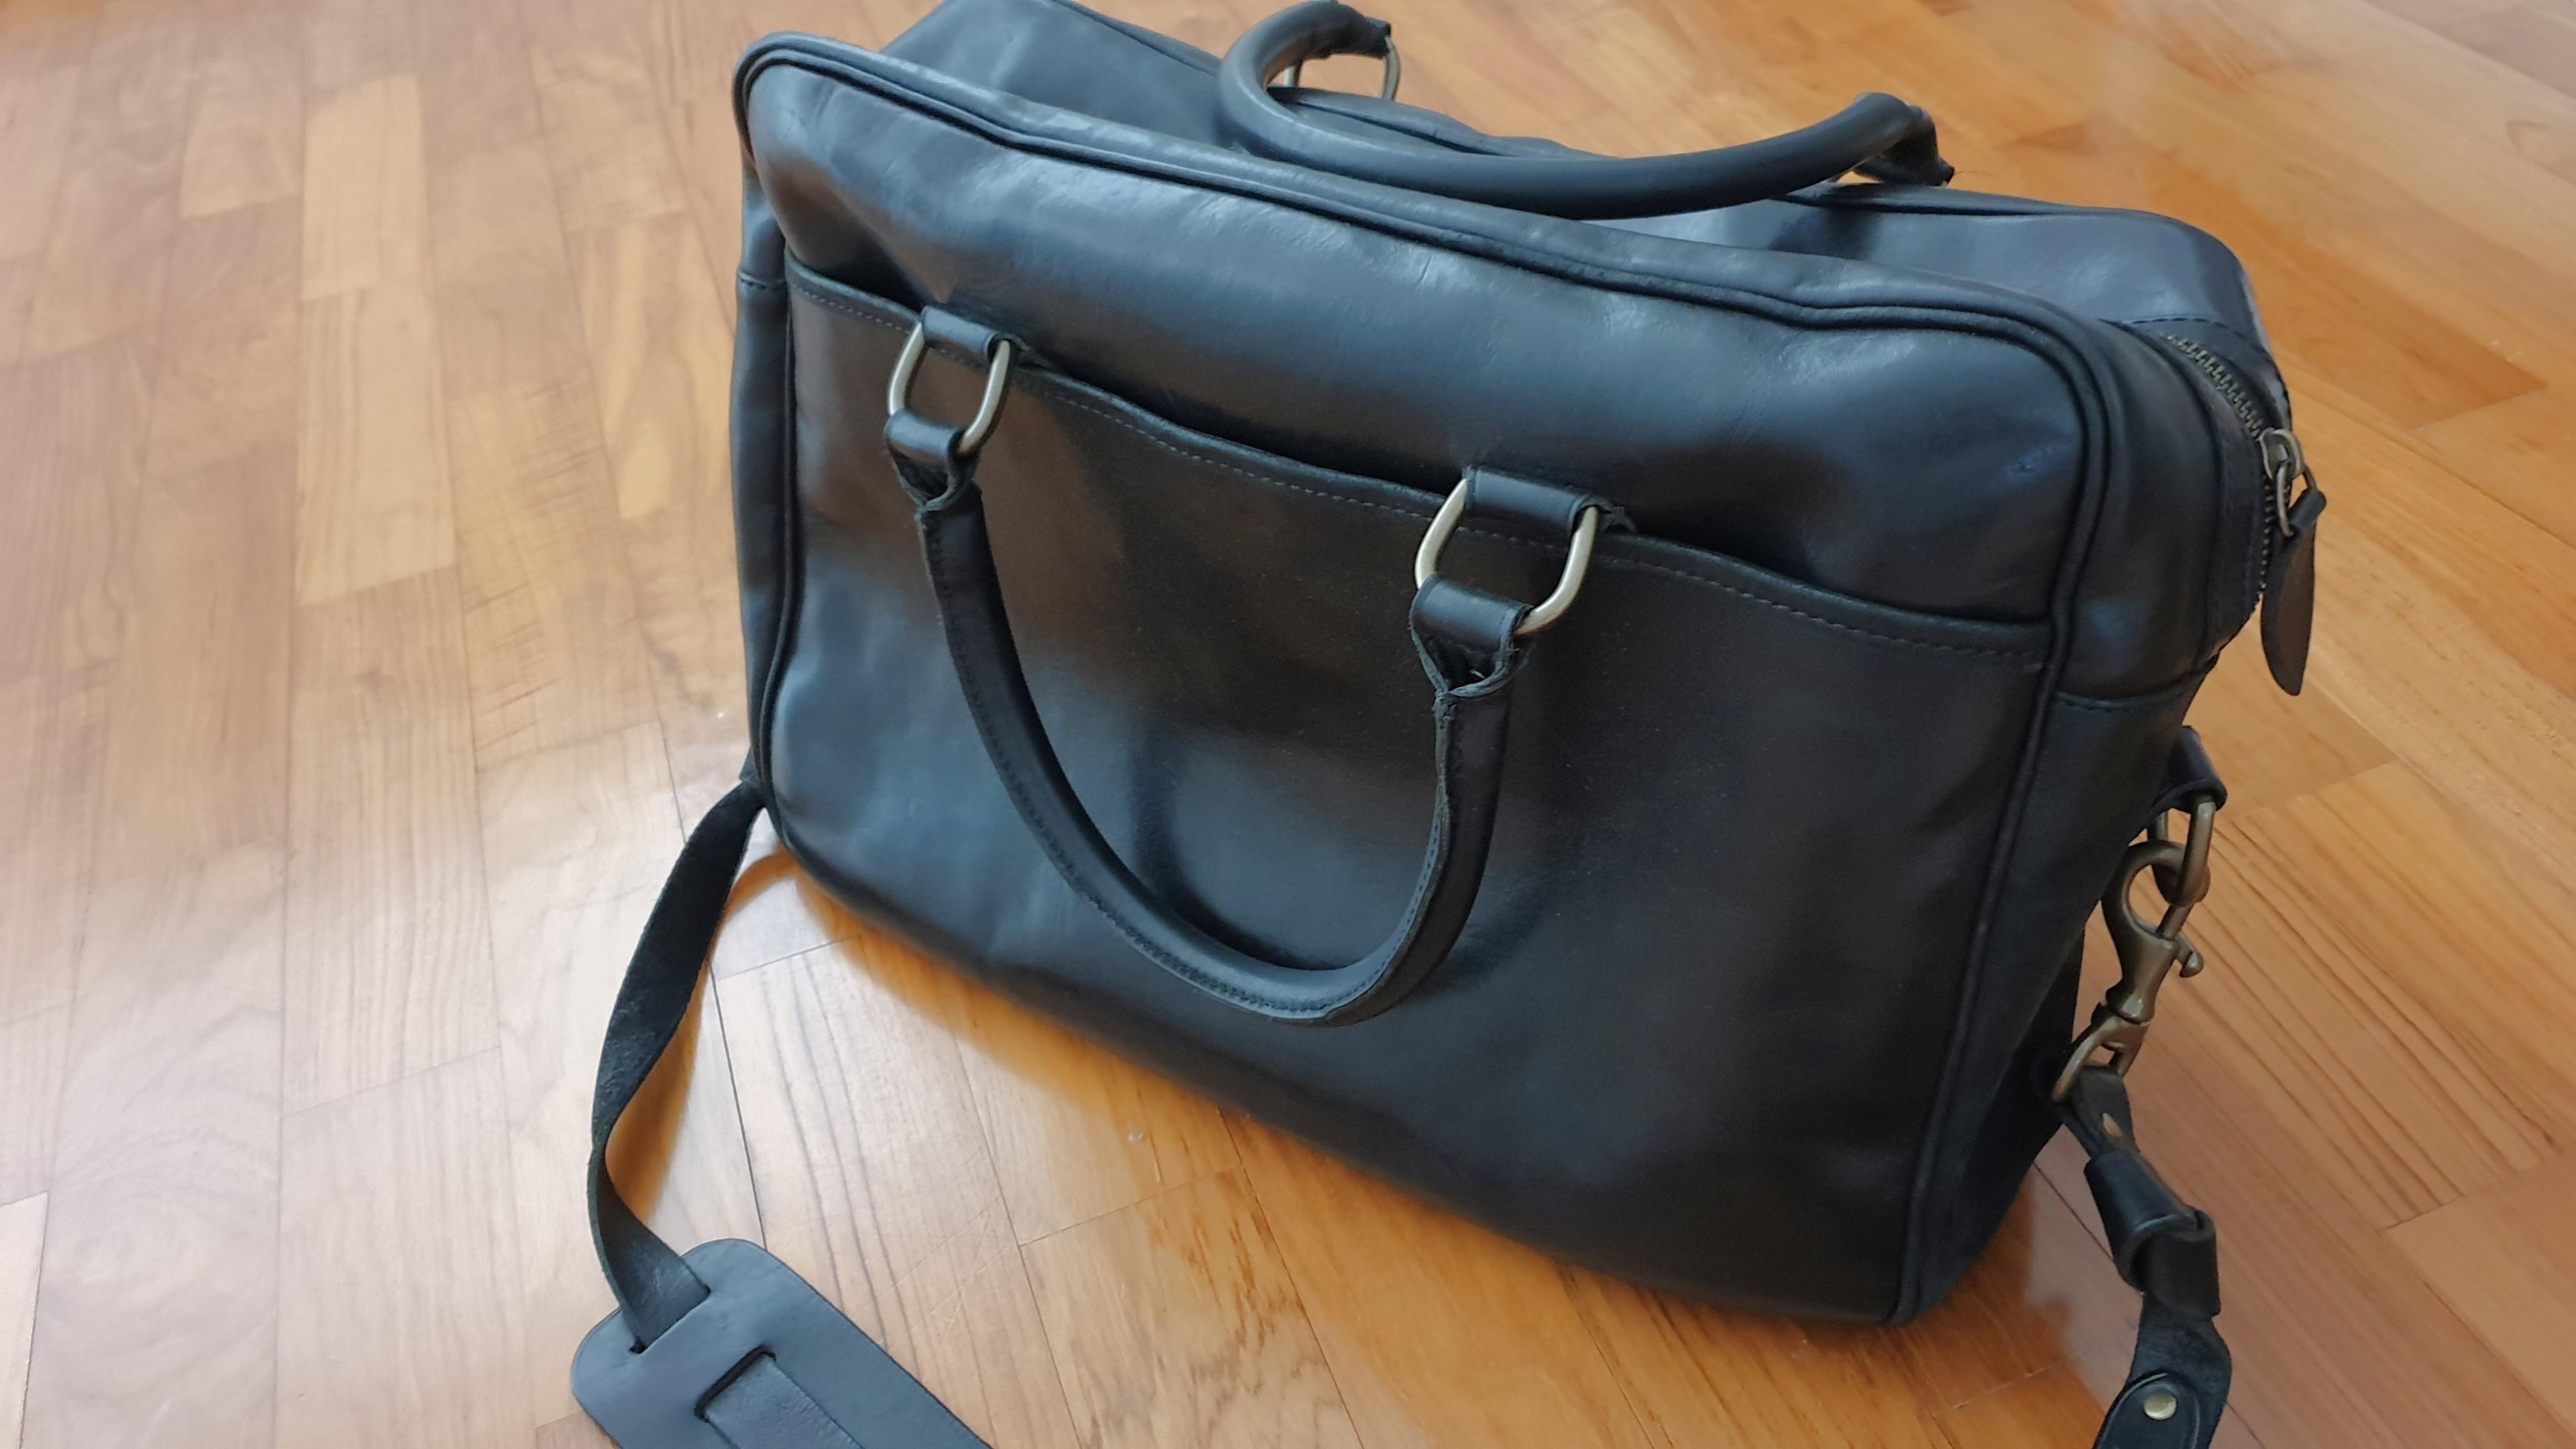 5dfa44a5771a Polo Ralph Lauren leather commuter bag